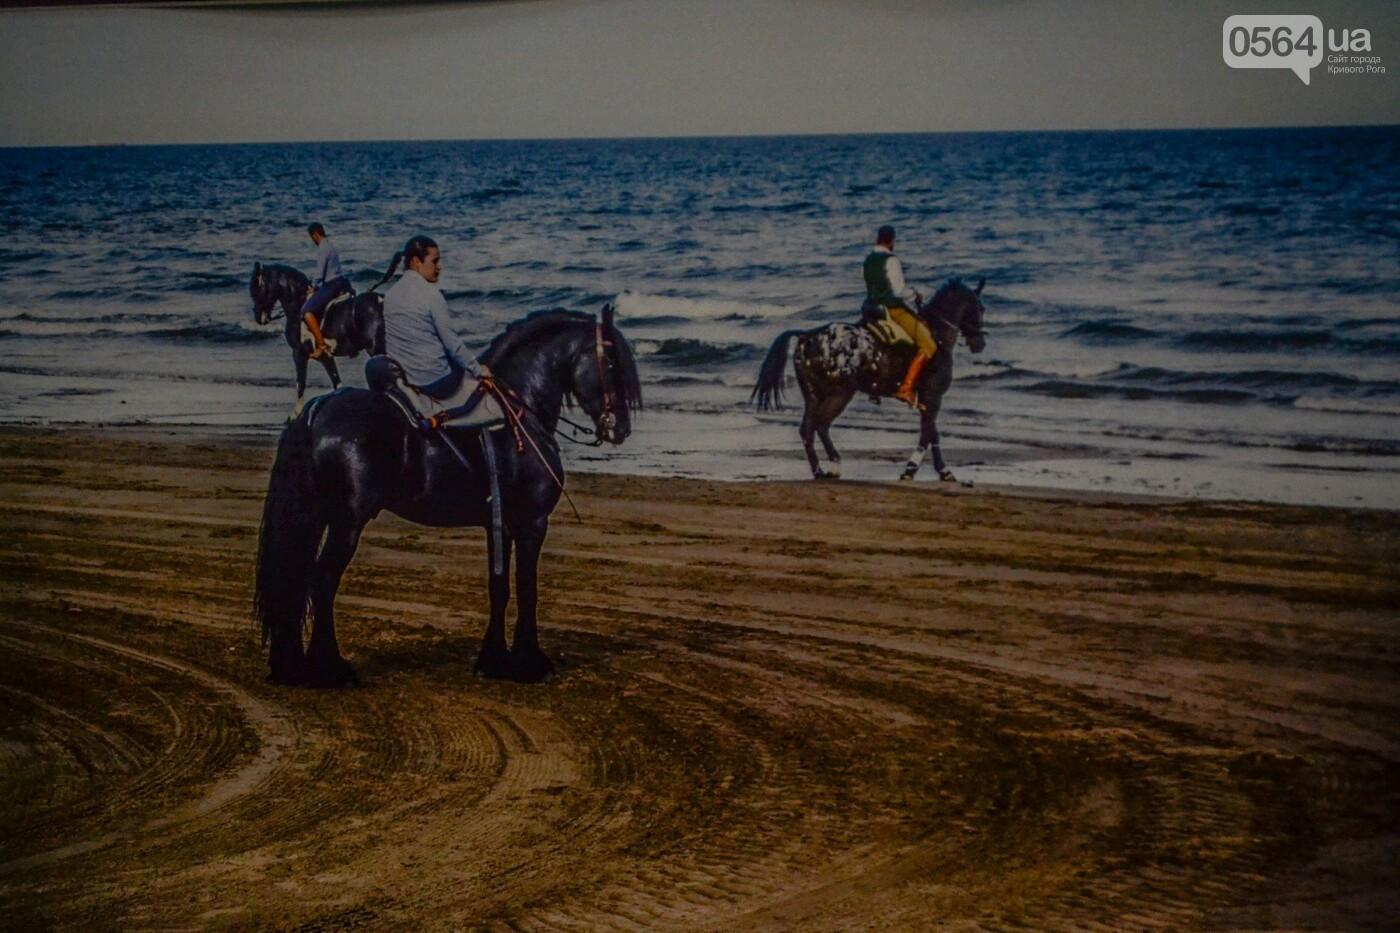 """""""Дорогами Европы"""": в Кривом Роге проходит уникальная фотовыставка ветерана АТО, - ФОТО, ВИДЕО, фото-6"""